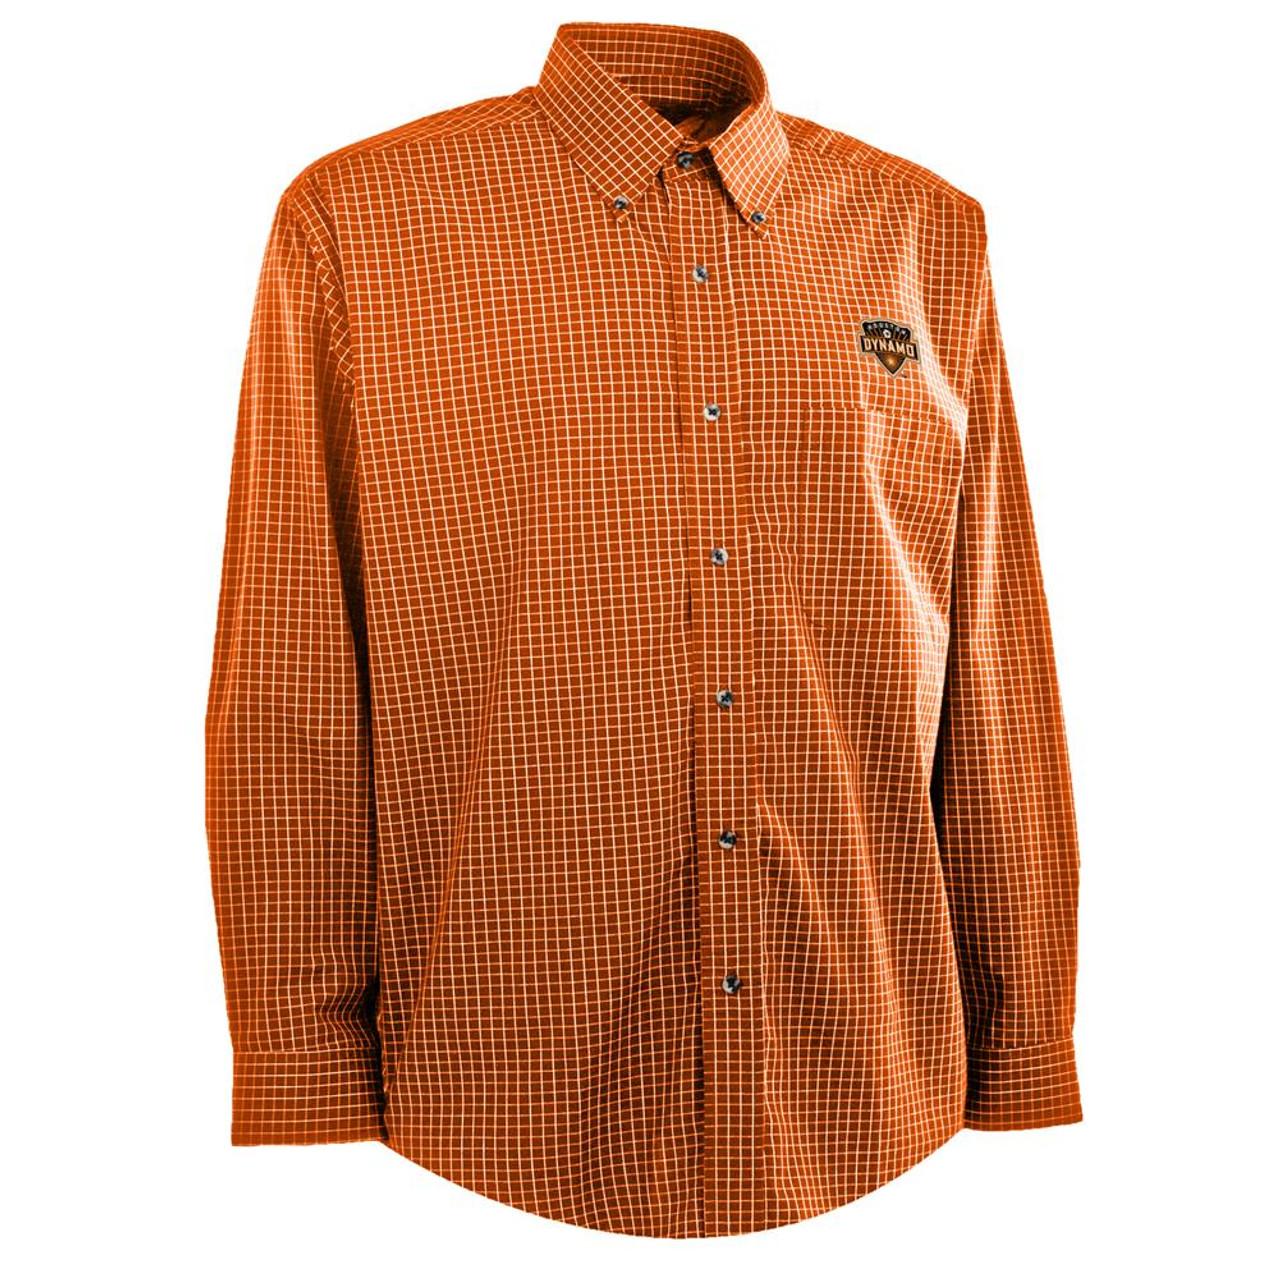 Men's Houston Dynamo Woven Esteem Button Up Shirt